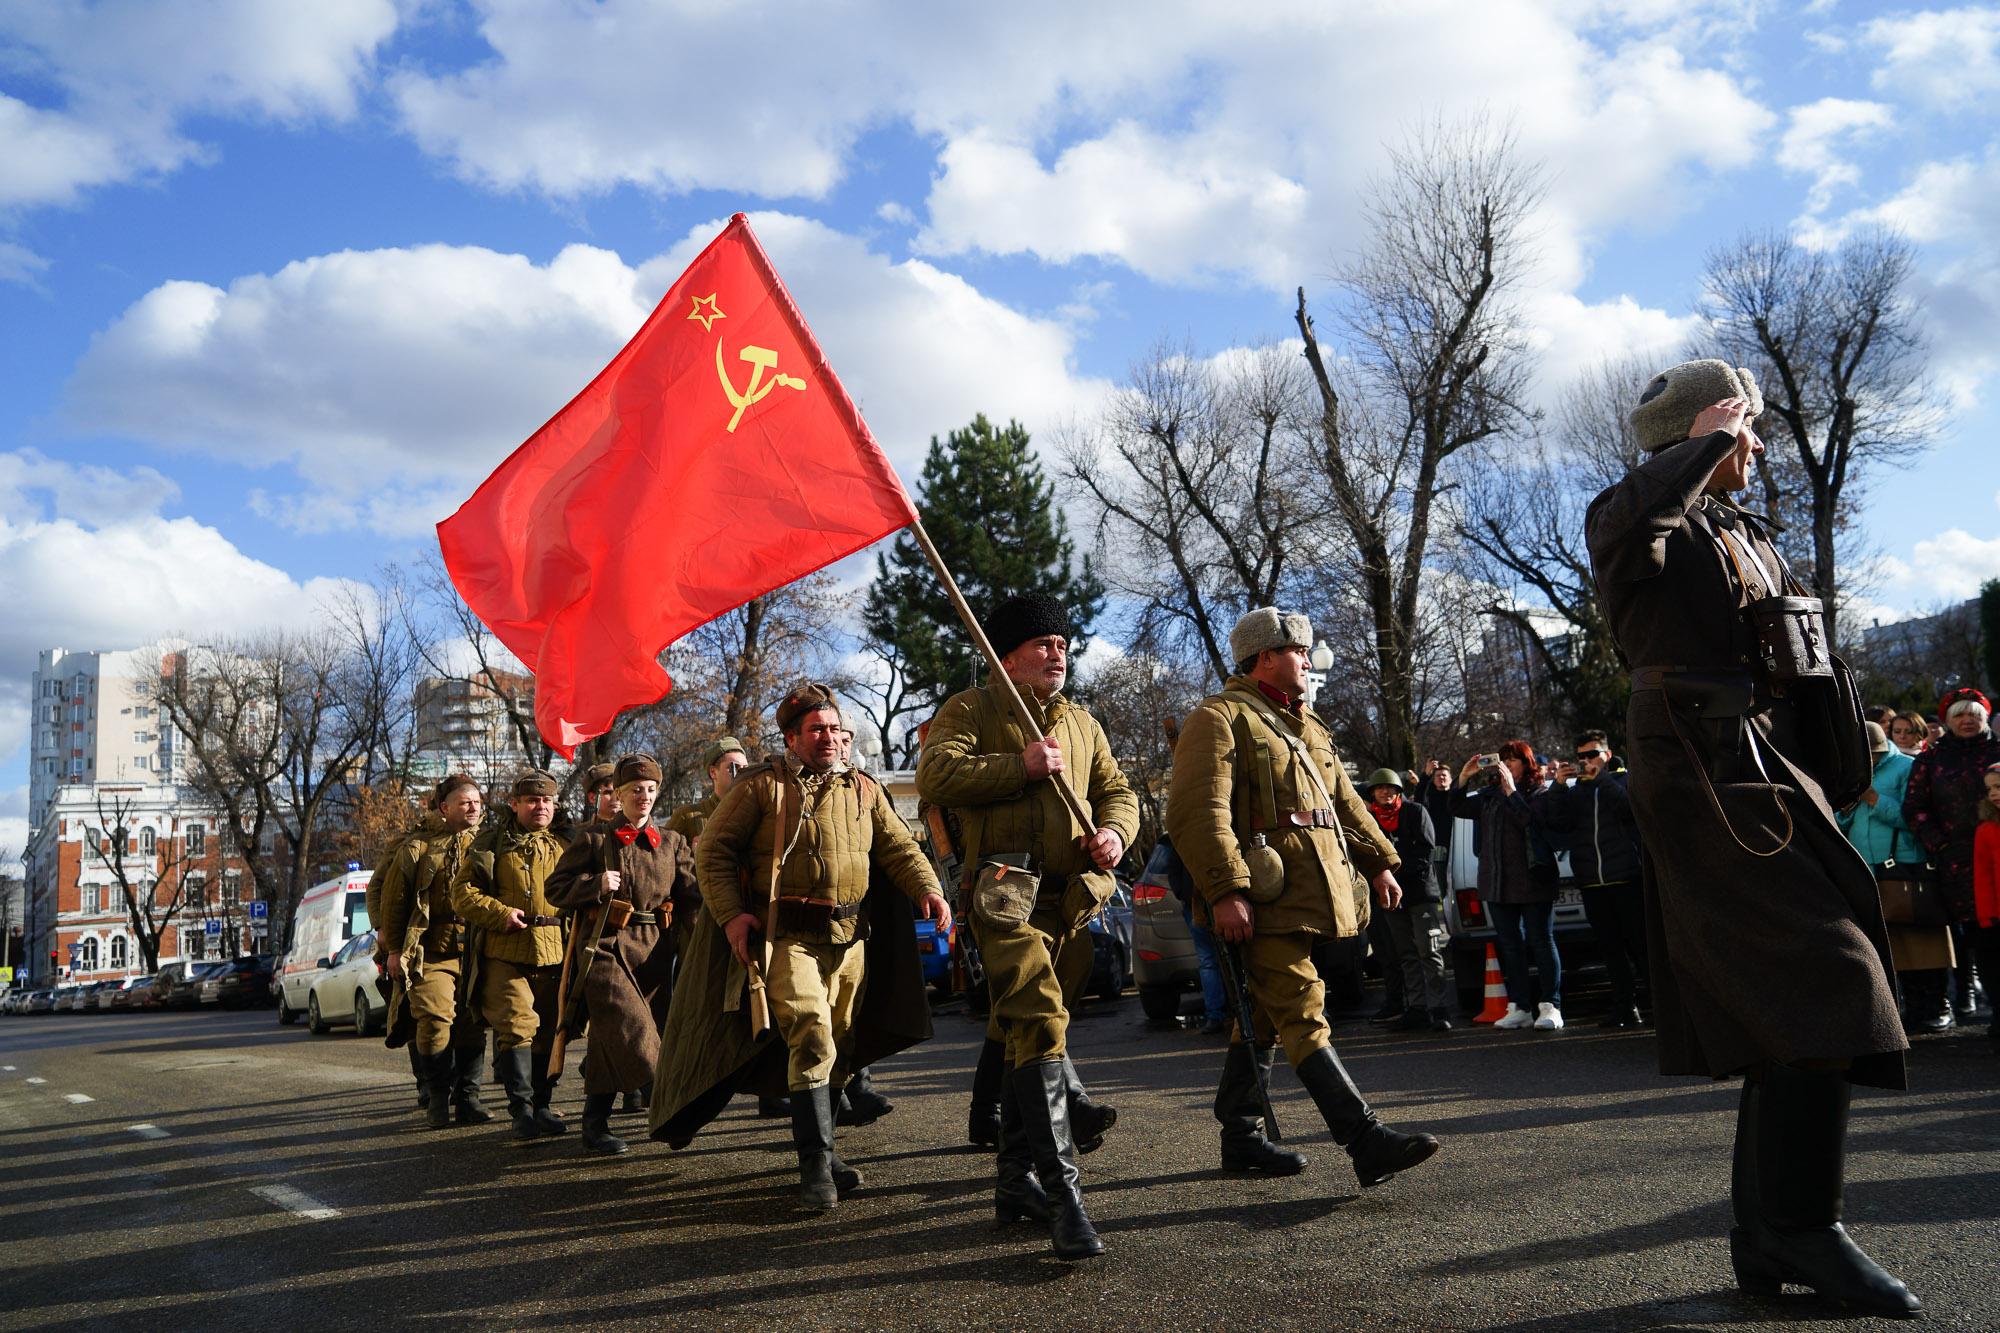 В Краснодаре прошла реконструкция освобождения города от фашистских оккупантов